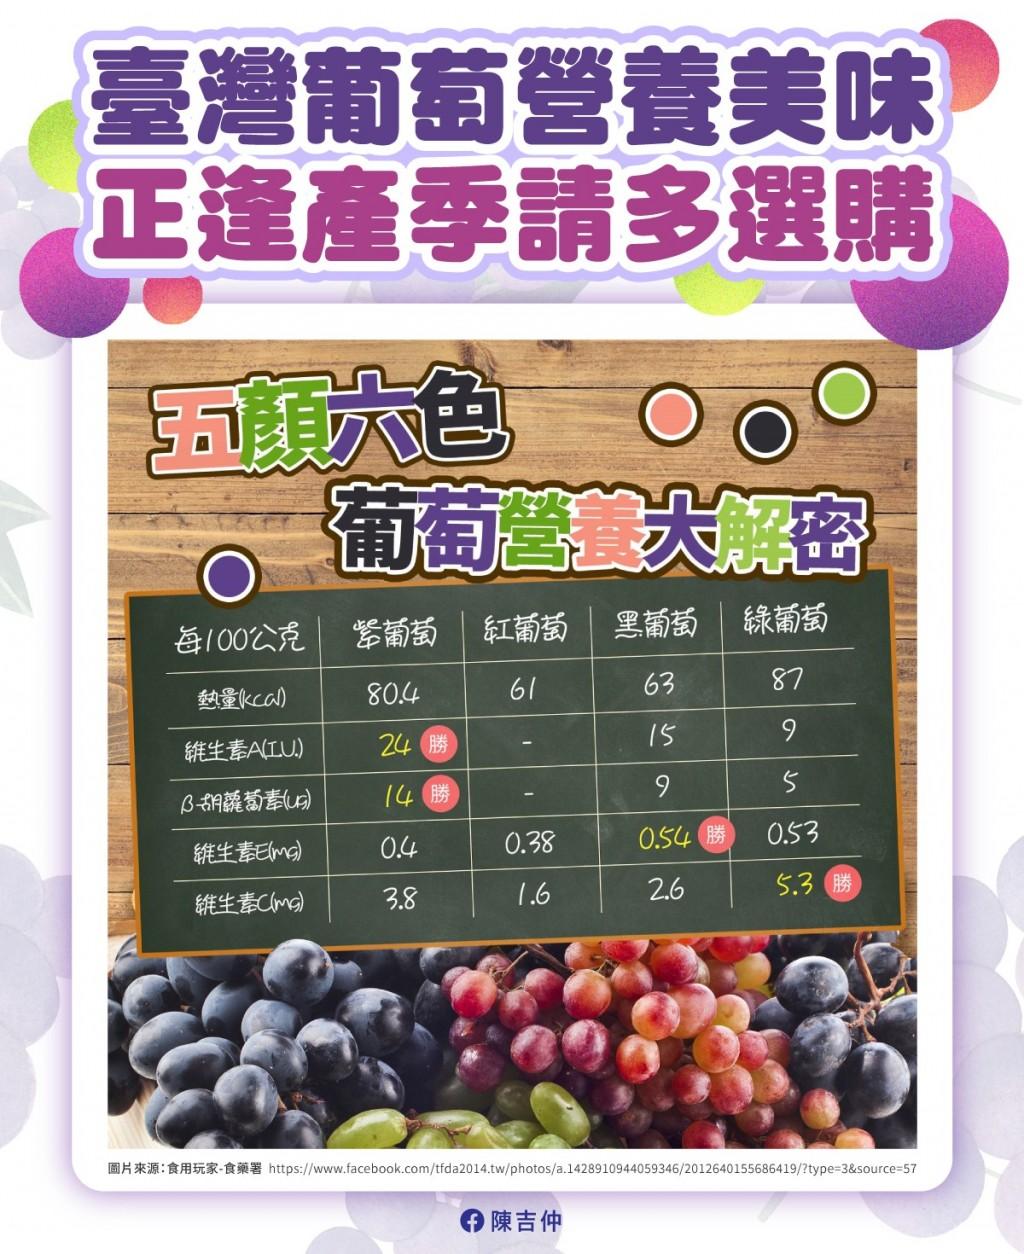 農糧署:台灣葡萄沒染疫 請消費者安心食用